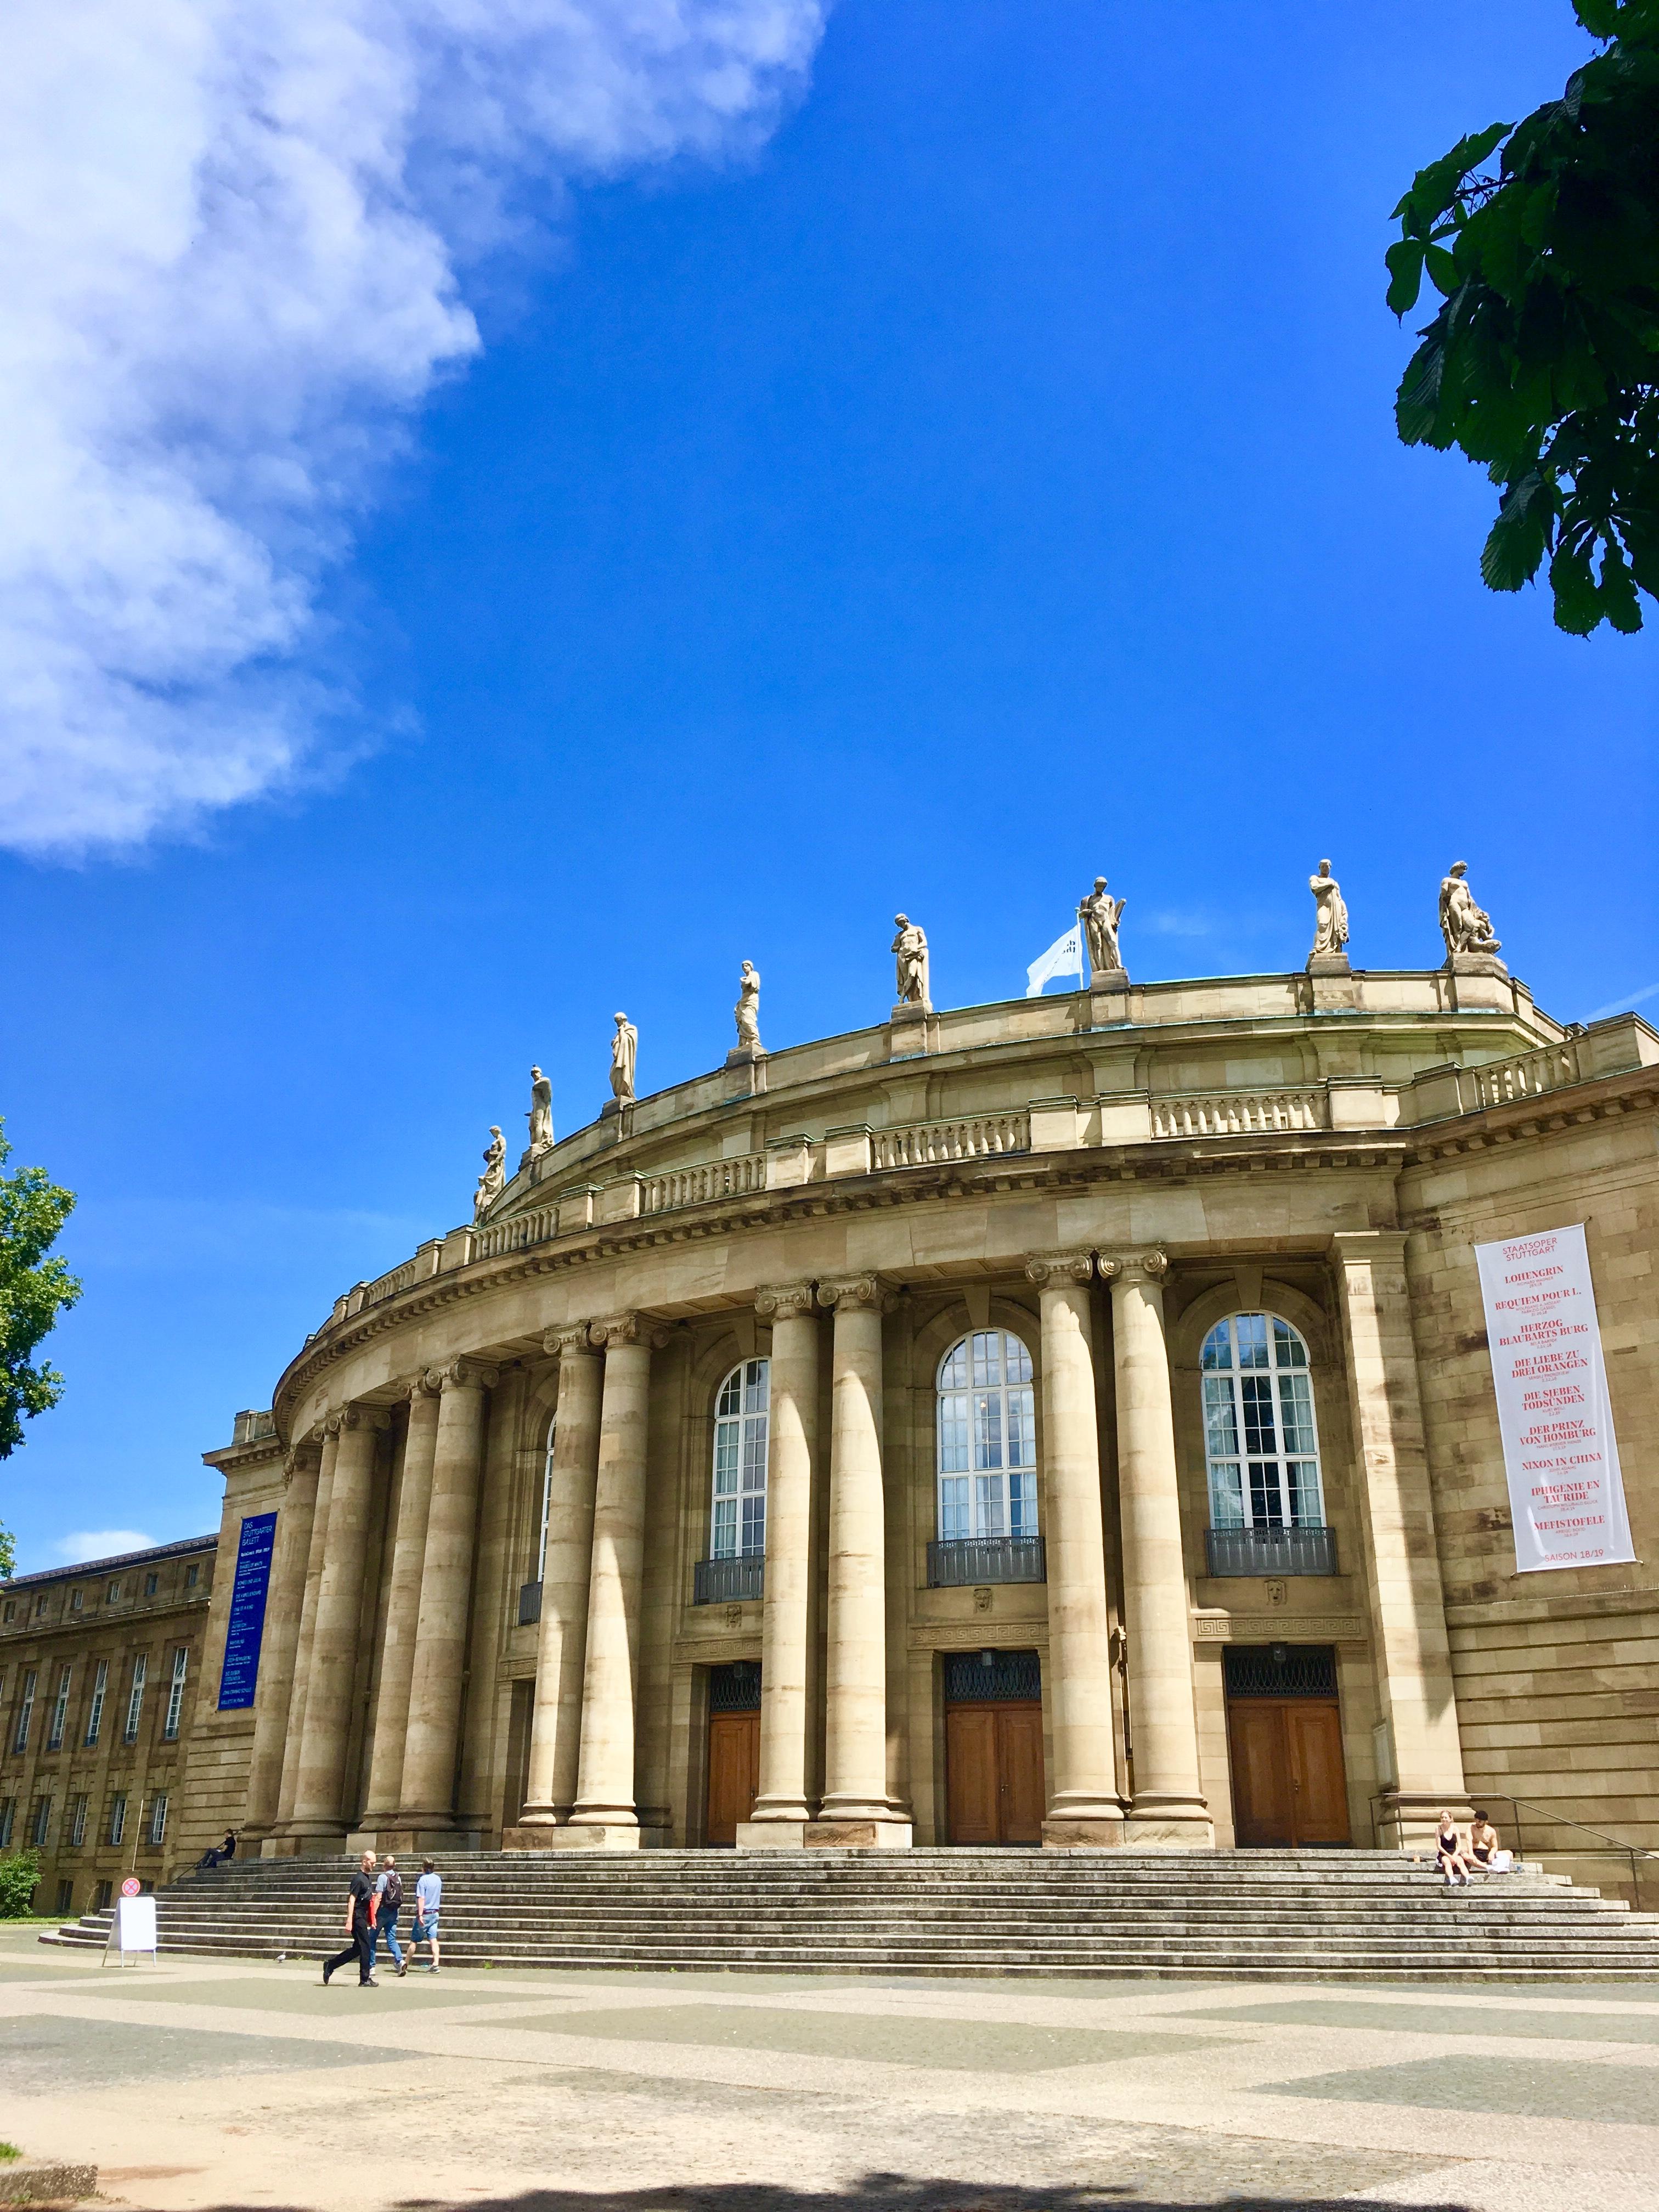 ドイツのシュトゥットガルト州立歌劇場